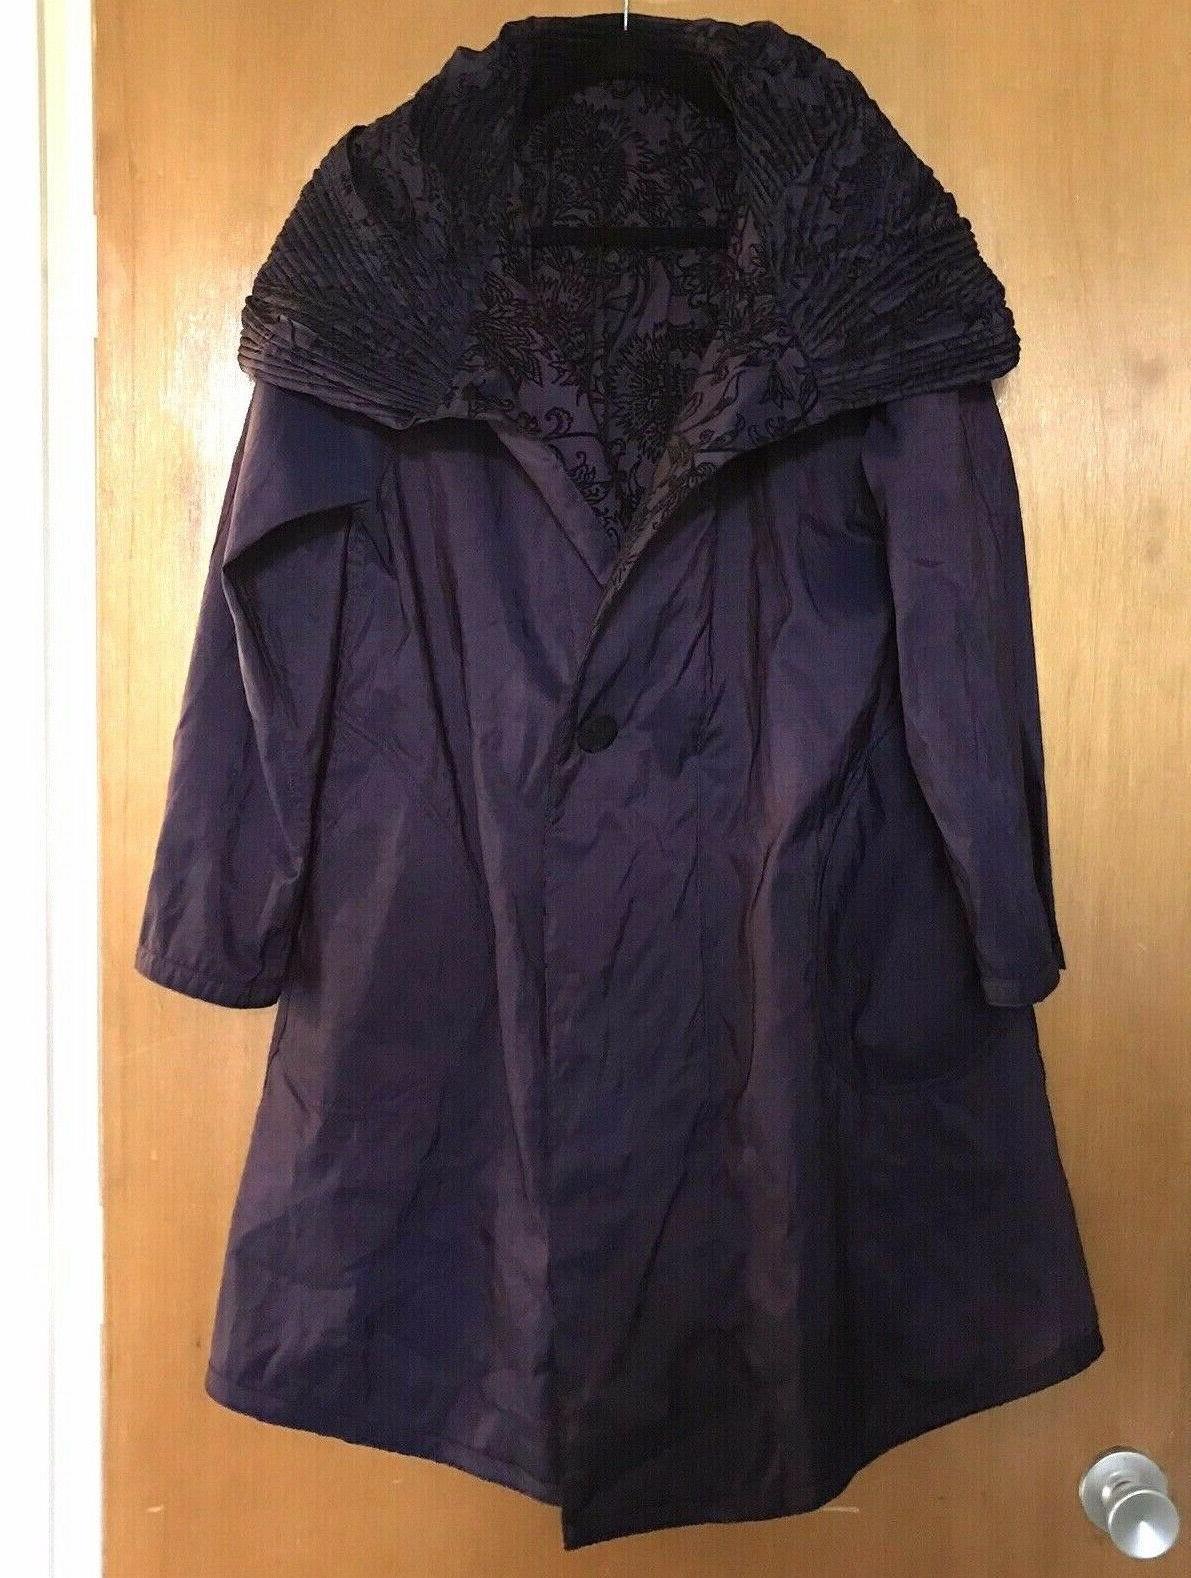 Mycra 2 M/L Black Short Rain Reversible Rare $253